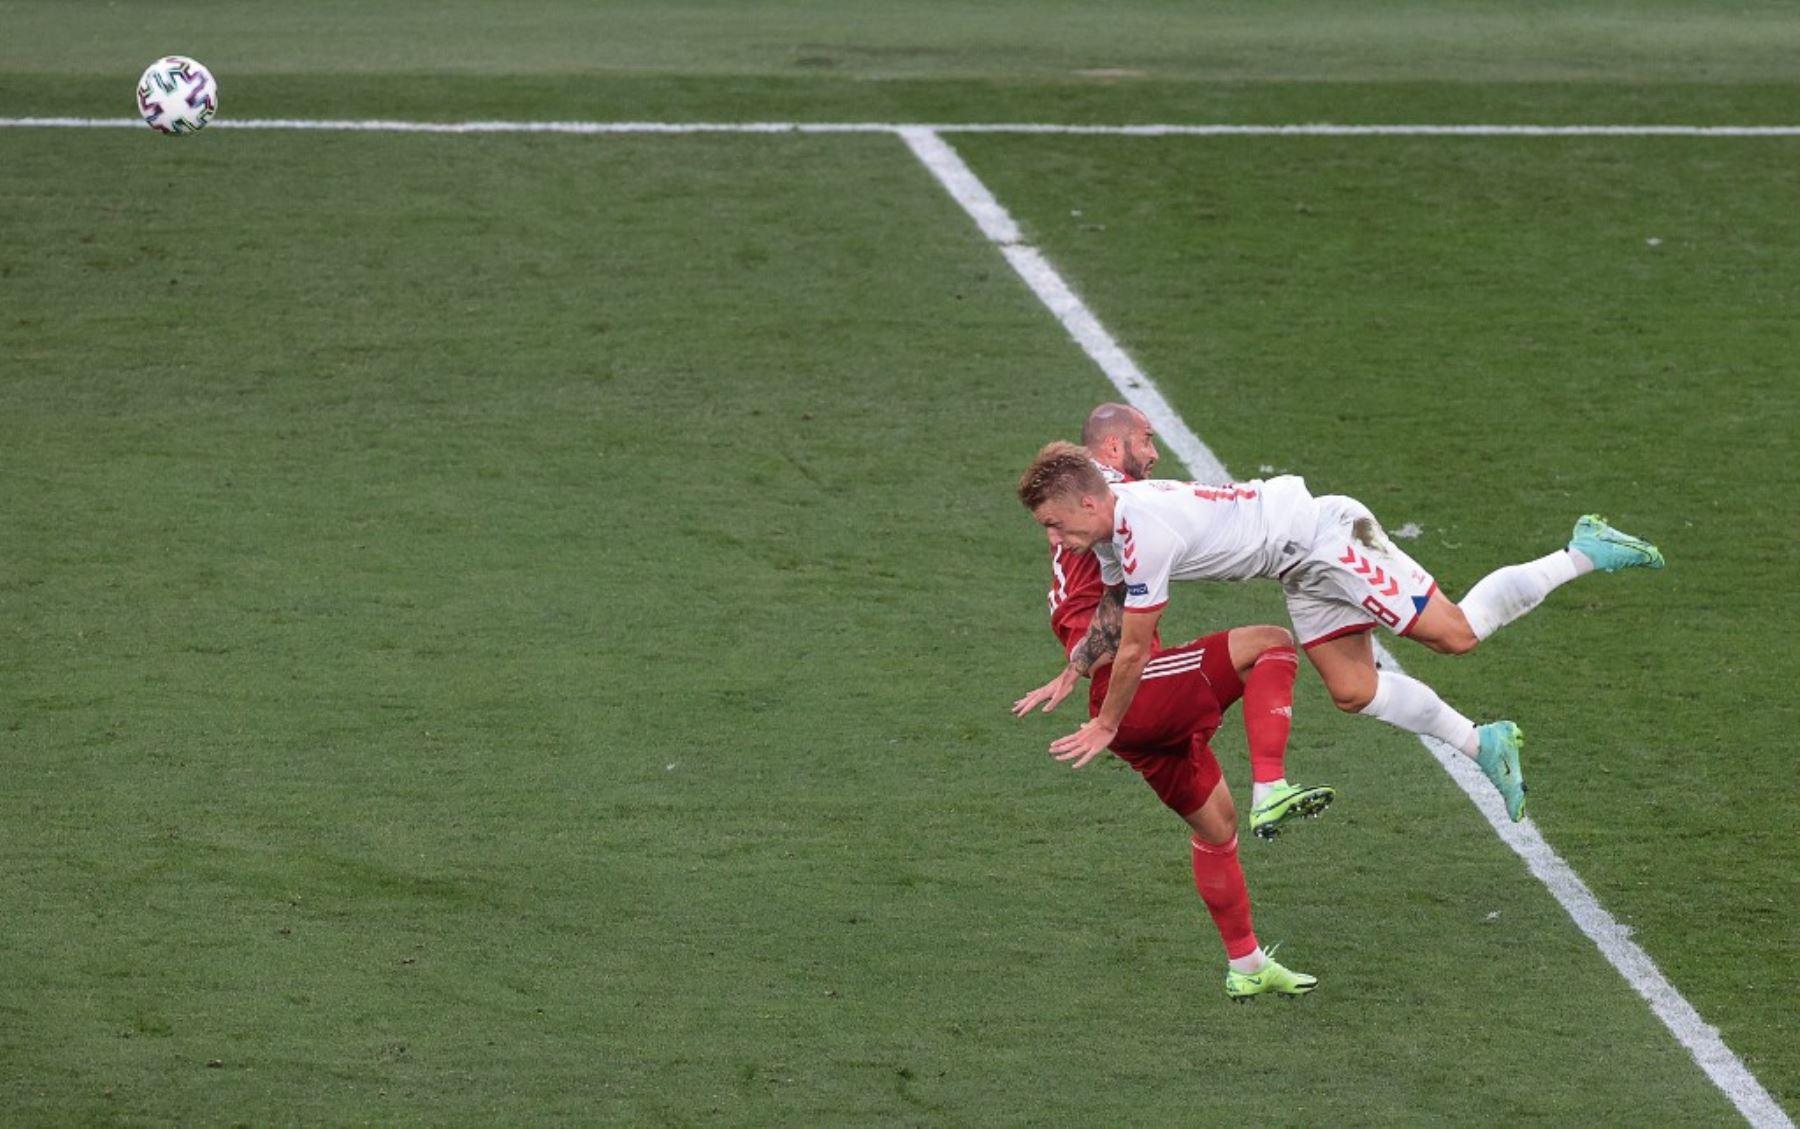 El defensor de Rusia Fedor Kudryashov (L) y el defensor de Dinamarca Daniel Wass caen después de una colisión durante el partido de fútbol del Grupo B de la UEFA EURO 2020 entre Rusia y Dinamarca en el estadio Parken de Copenhague el 21 de junio de 2021. Foto: AFP